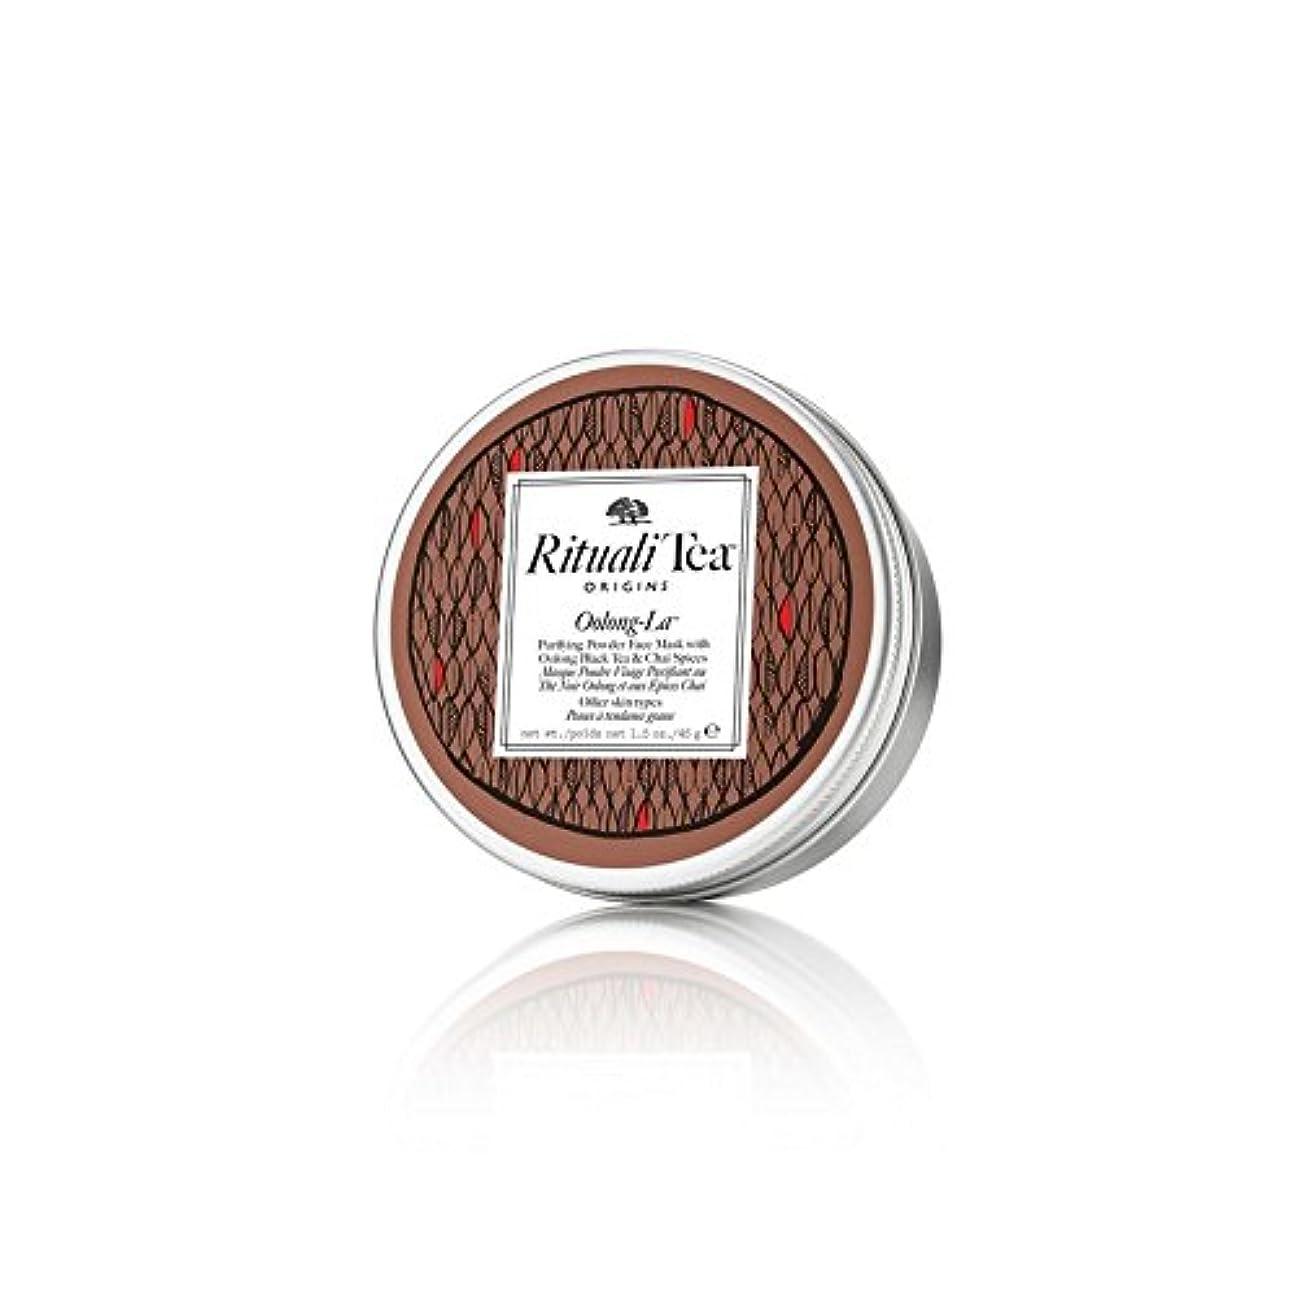 起源抹茶フェイスマスク烏龍茶ラ45グラム x2 - Origins Powdered Tea Face Mask Oolong-La 45g (Pack of 2) [並行輸入品]